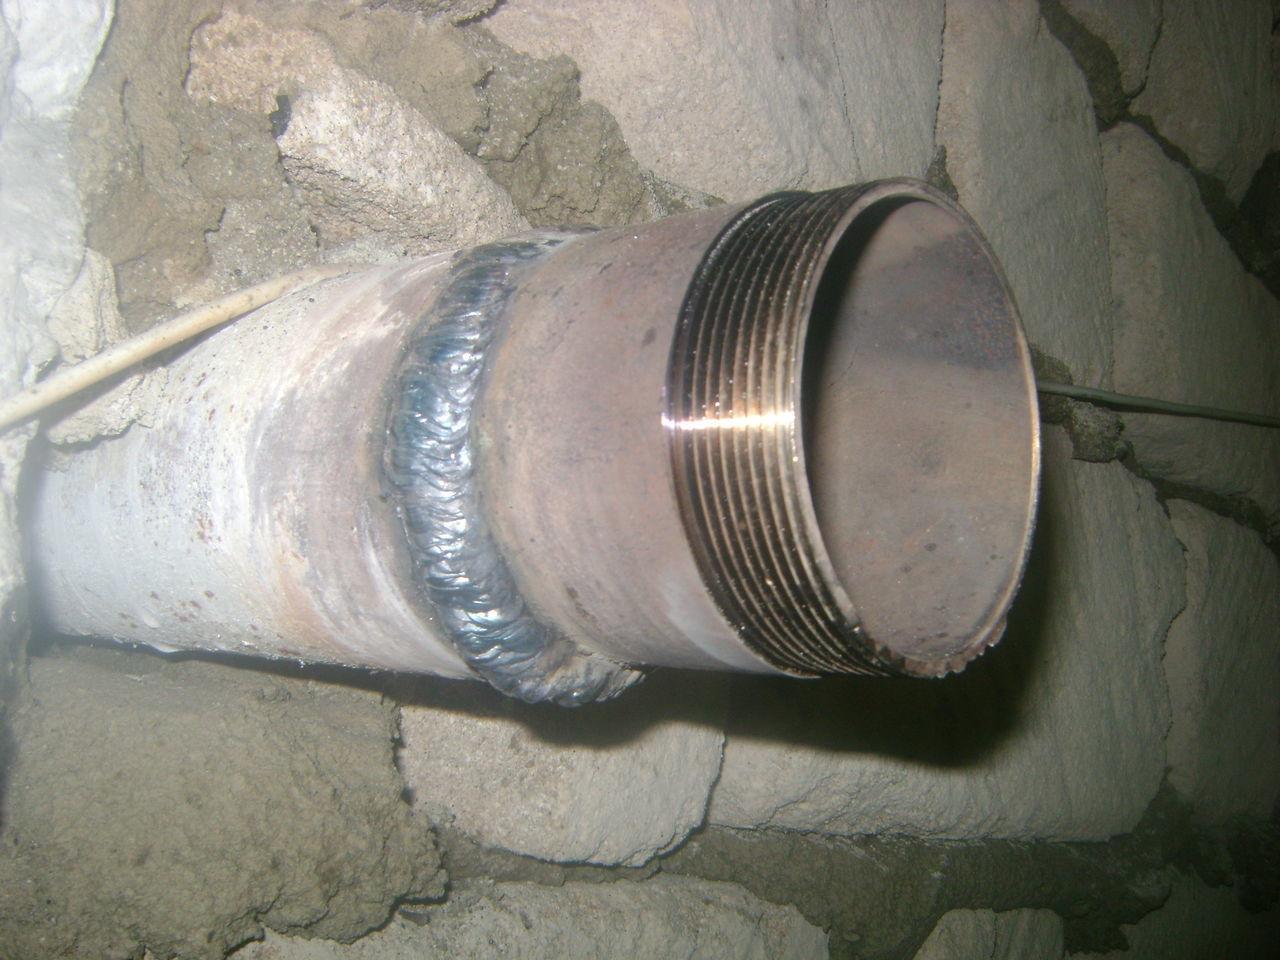 Как сваривать трубы электросваркой - особенности электросварки труб